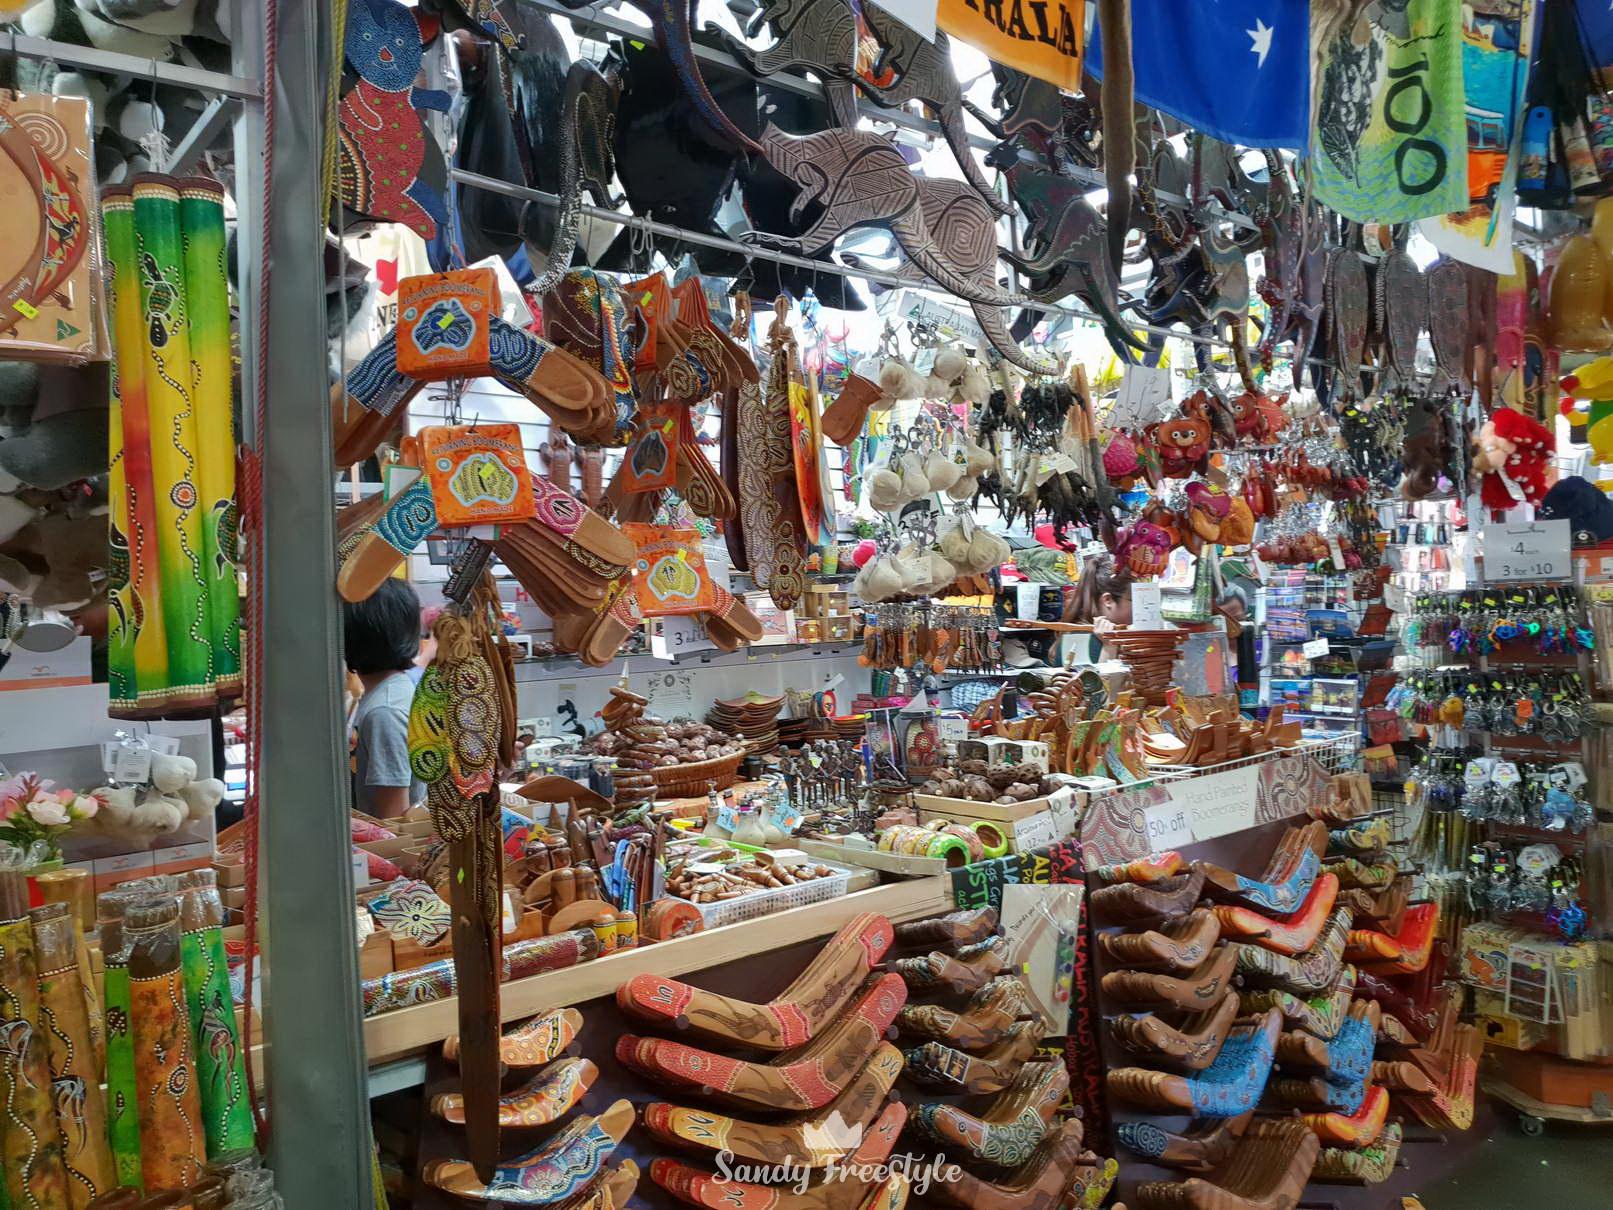 ระลึก ของฝากกลับไทย @ Paddy's Market - Sydney